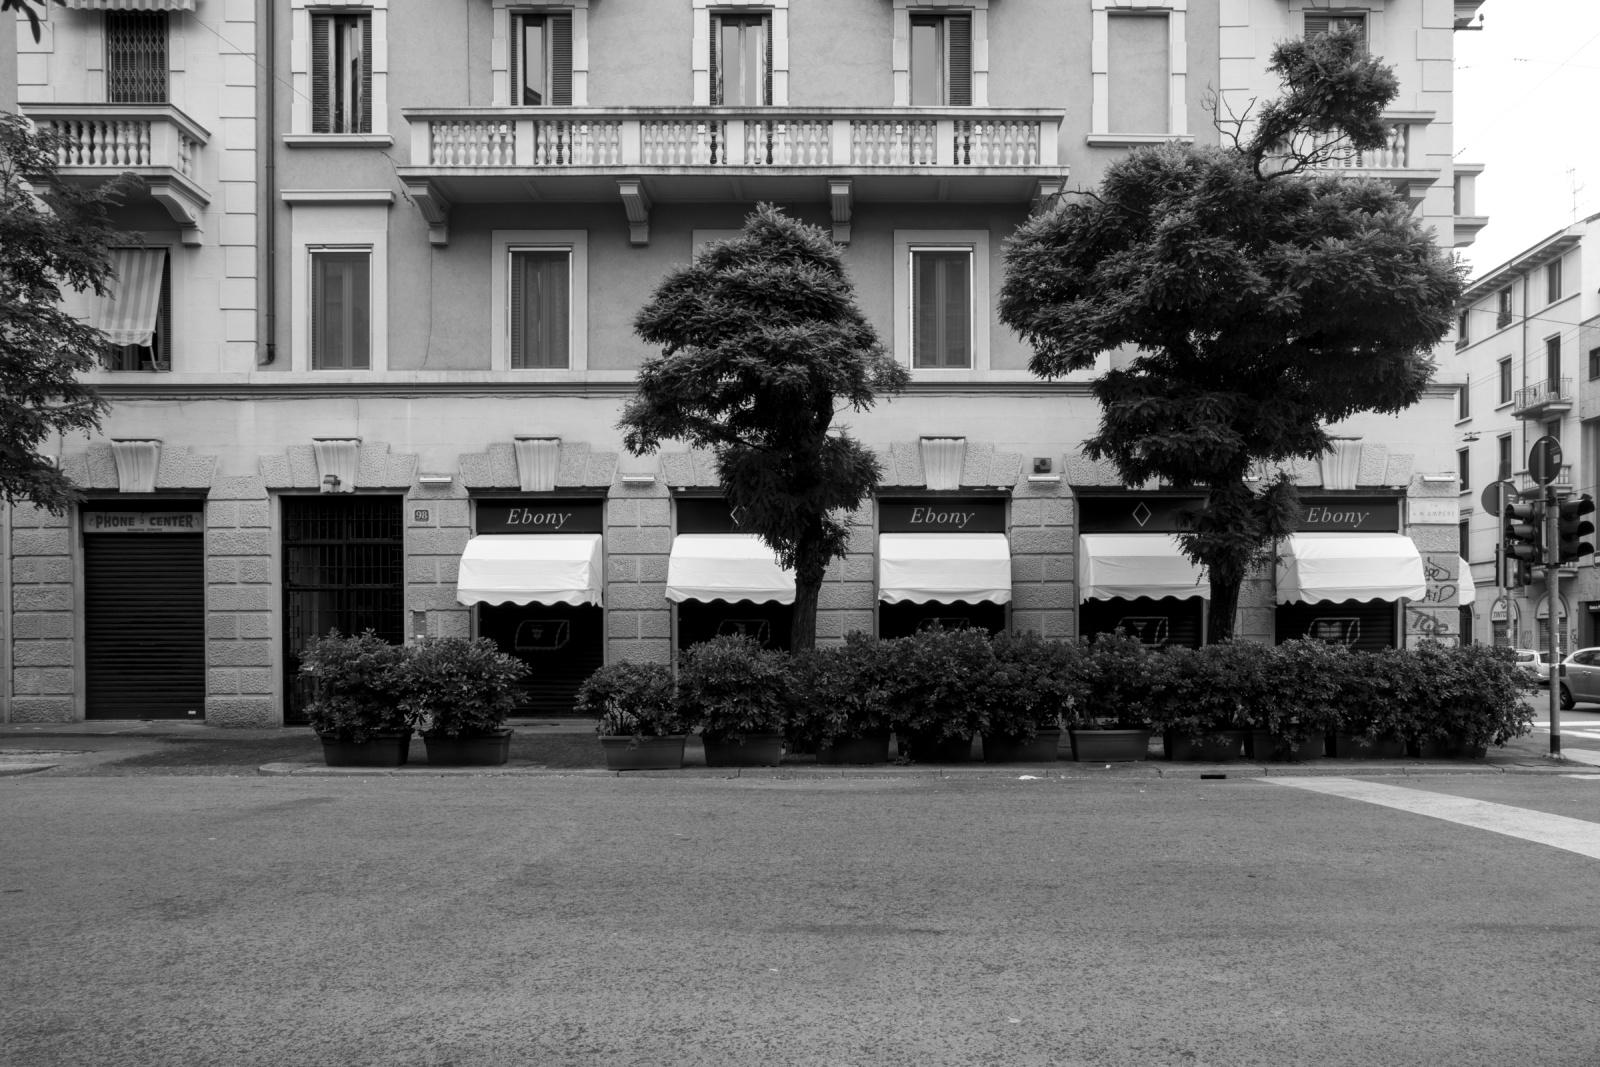 Via Andrea Maria Ampère, Milano - Operazione Metallica, 2008: ancora una volta è il tavolo di un bar il luogo scelto dai boss per incontrare i propri collaboratori, impartire ordini e gestire gli affari. Ma in questo caso non è nell'hinterland di Milano bensì in zona Città Studi.